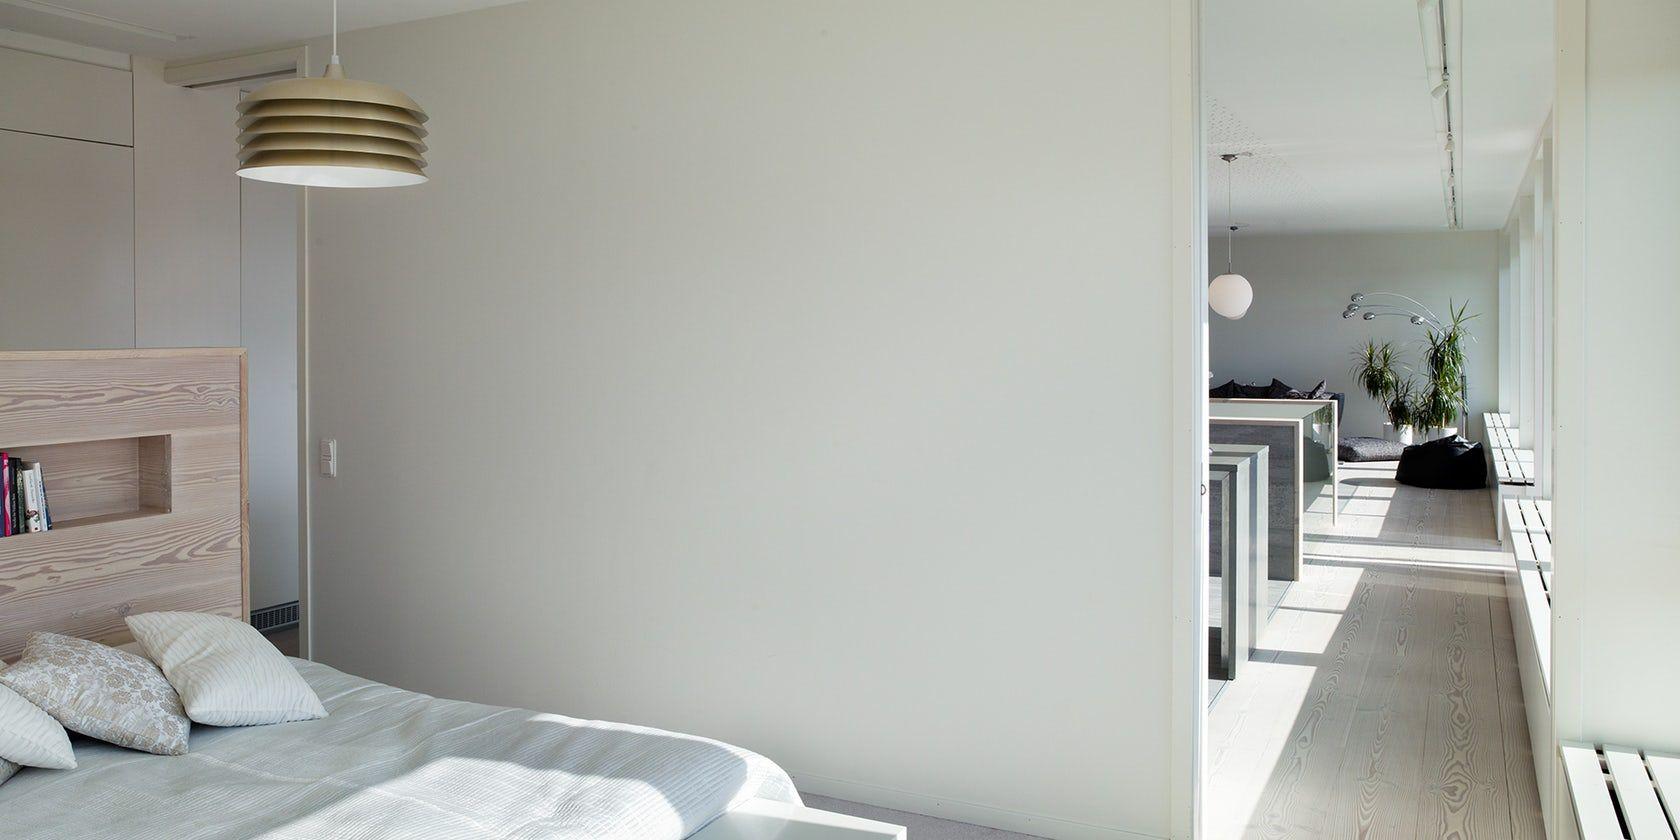 Havsnra villa i Hllsvik - Villas for Rent in Hjuvik - Airbnb